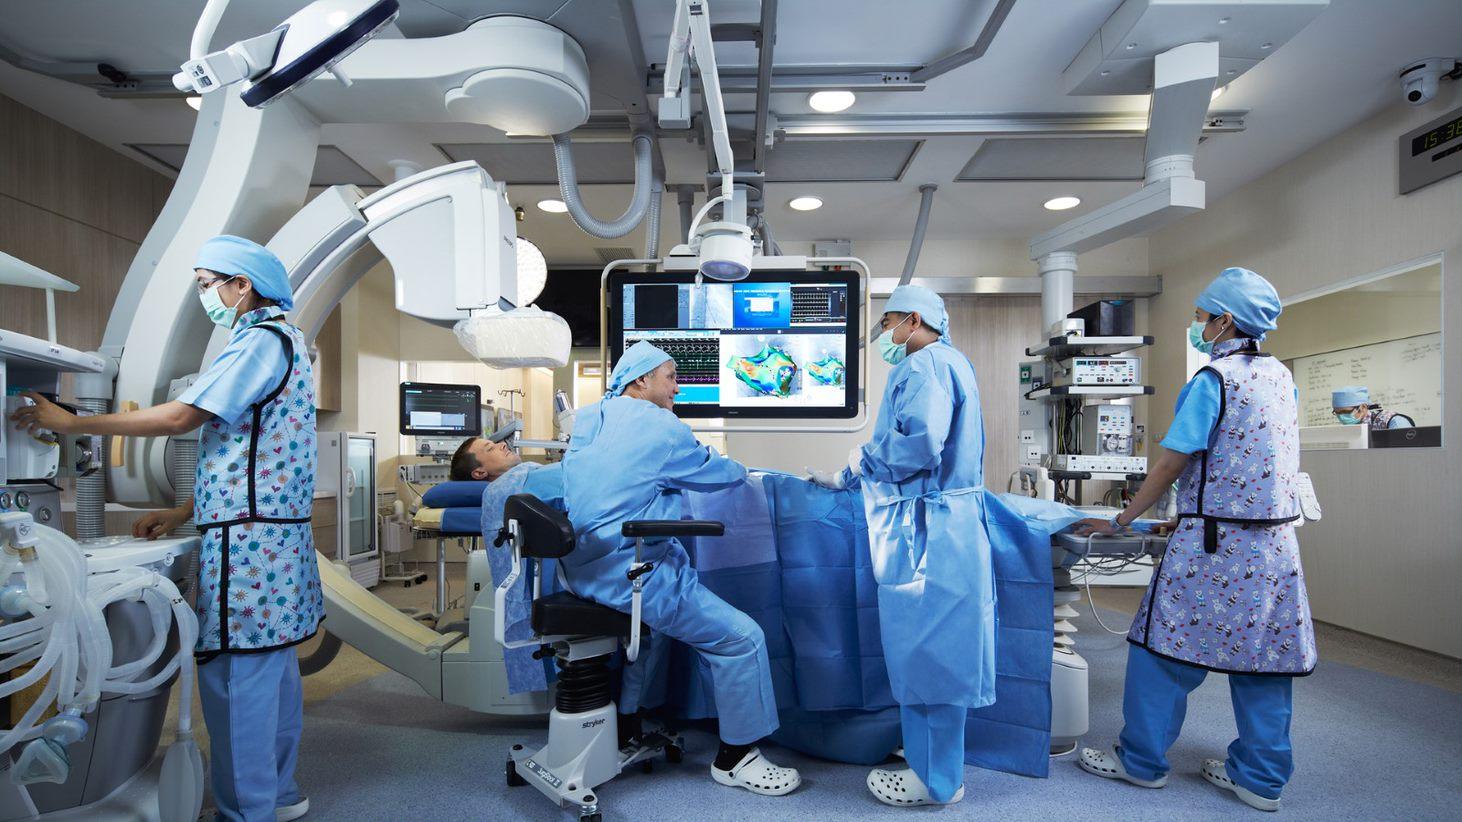 Đội ngũ y bác sĩ tại Thái Lan được đào tạo chuyên sâu, có tay nghề cao.